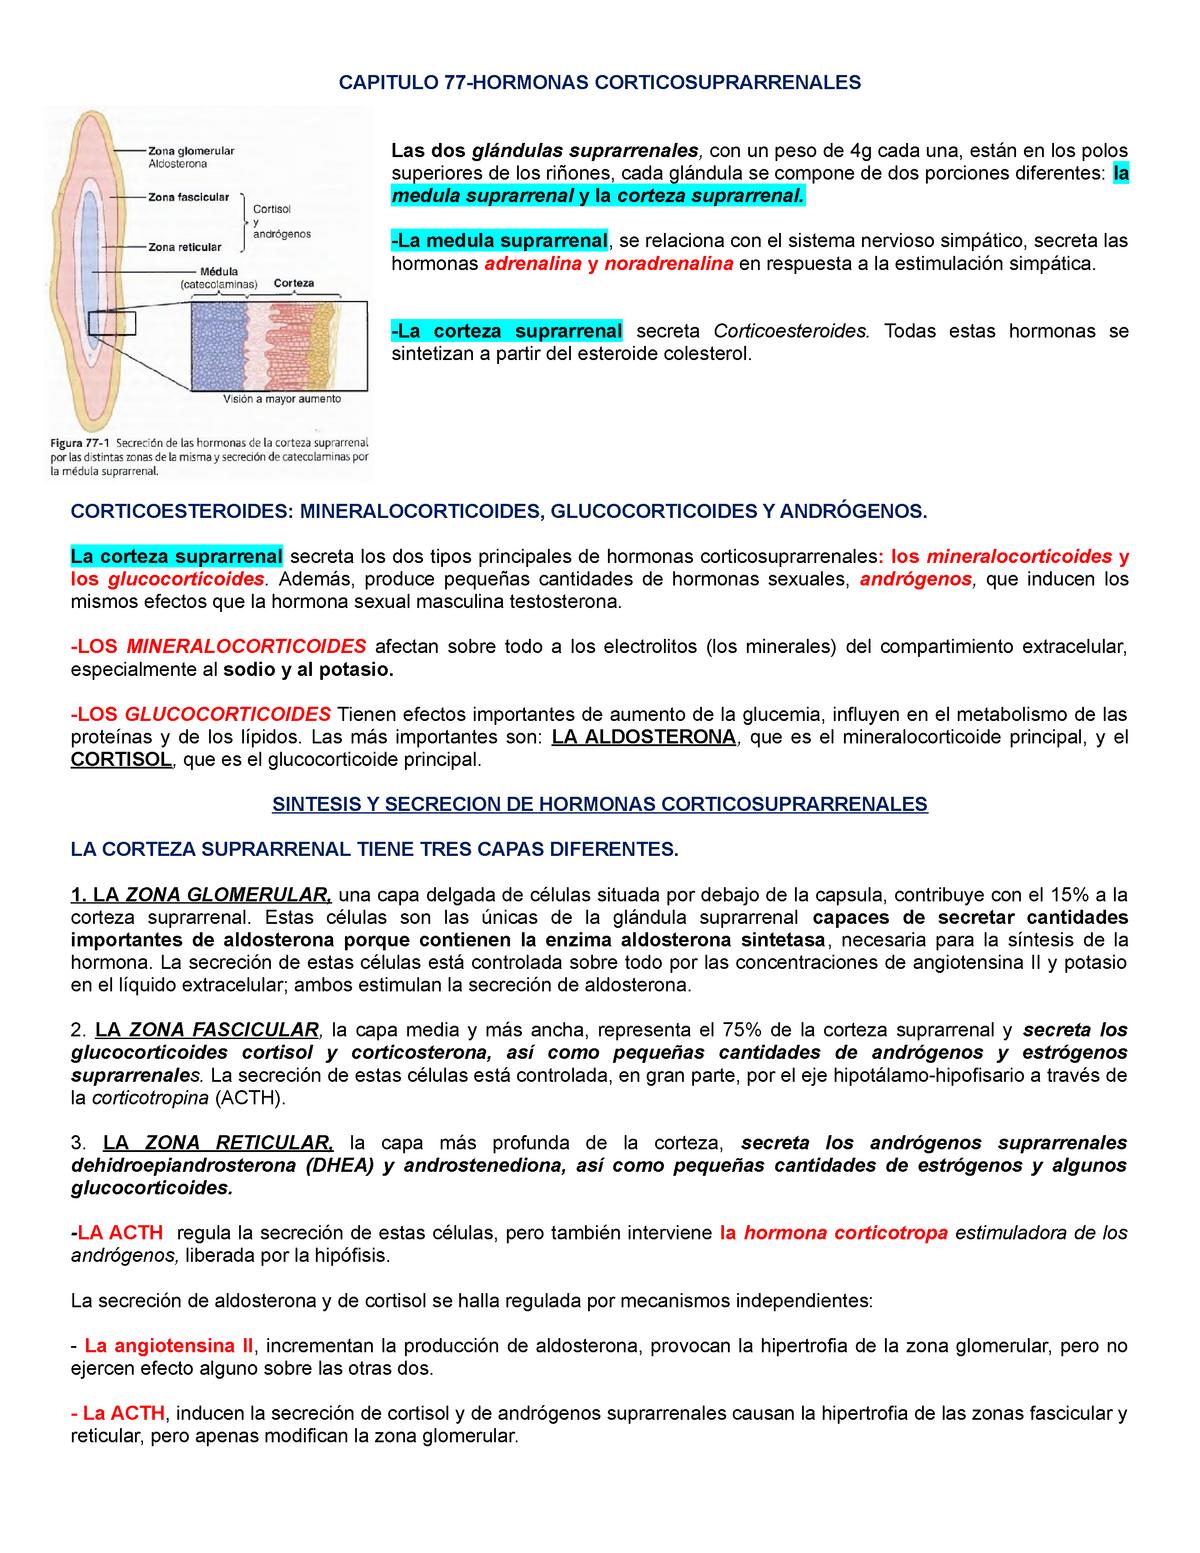 enfermedades de la corteza adrenal